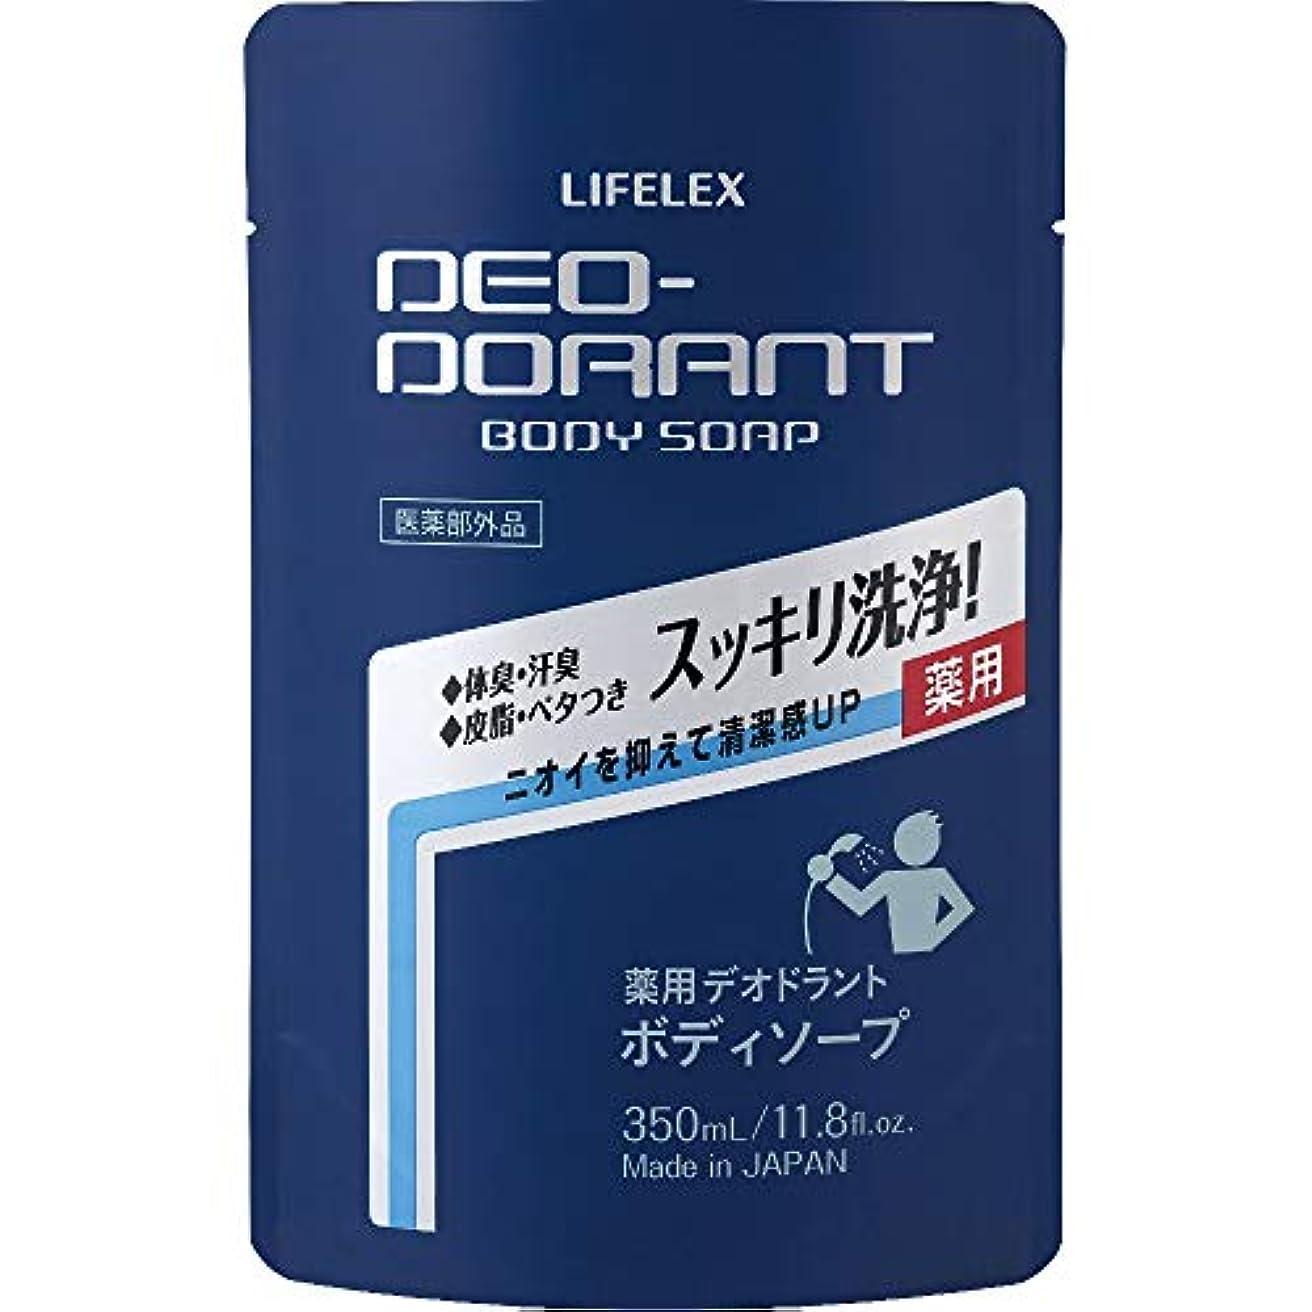 ロボット香り確執コーナン オリジナル LIFELEX 薬用デオドラント ボディソープ詰替 350ml